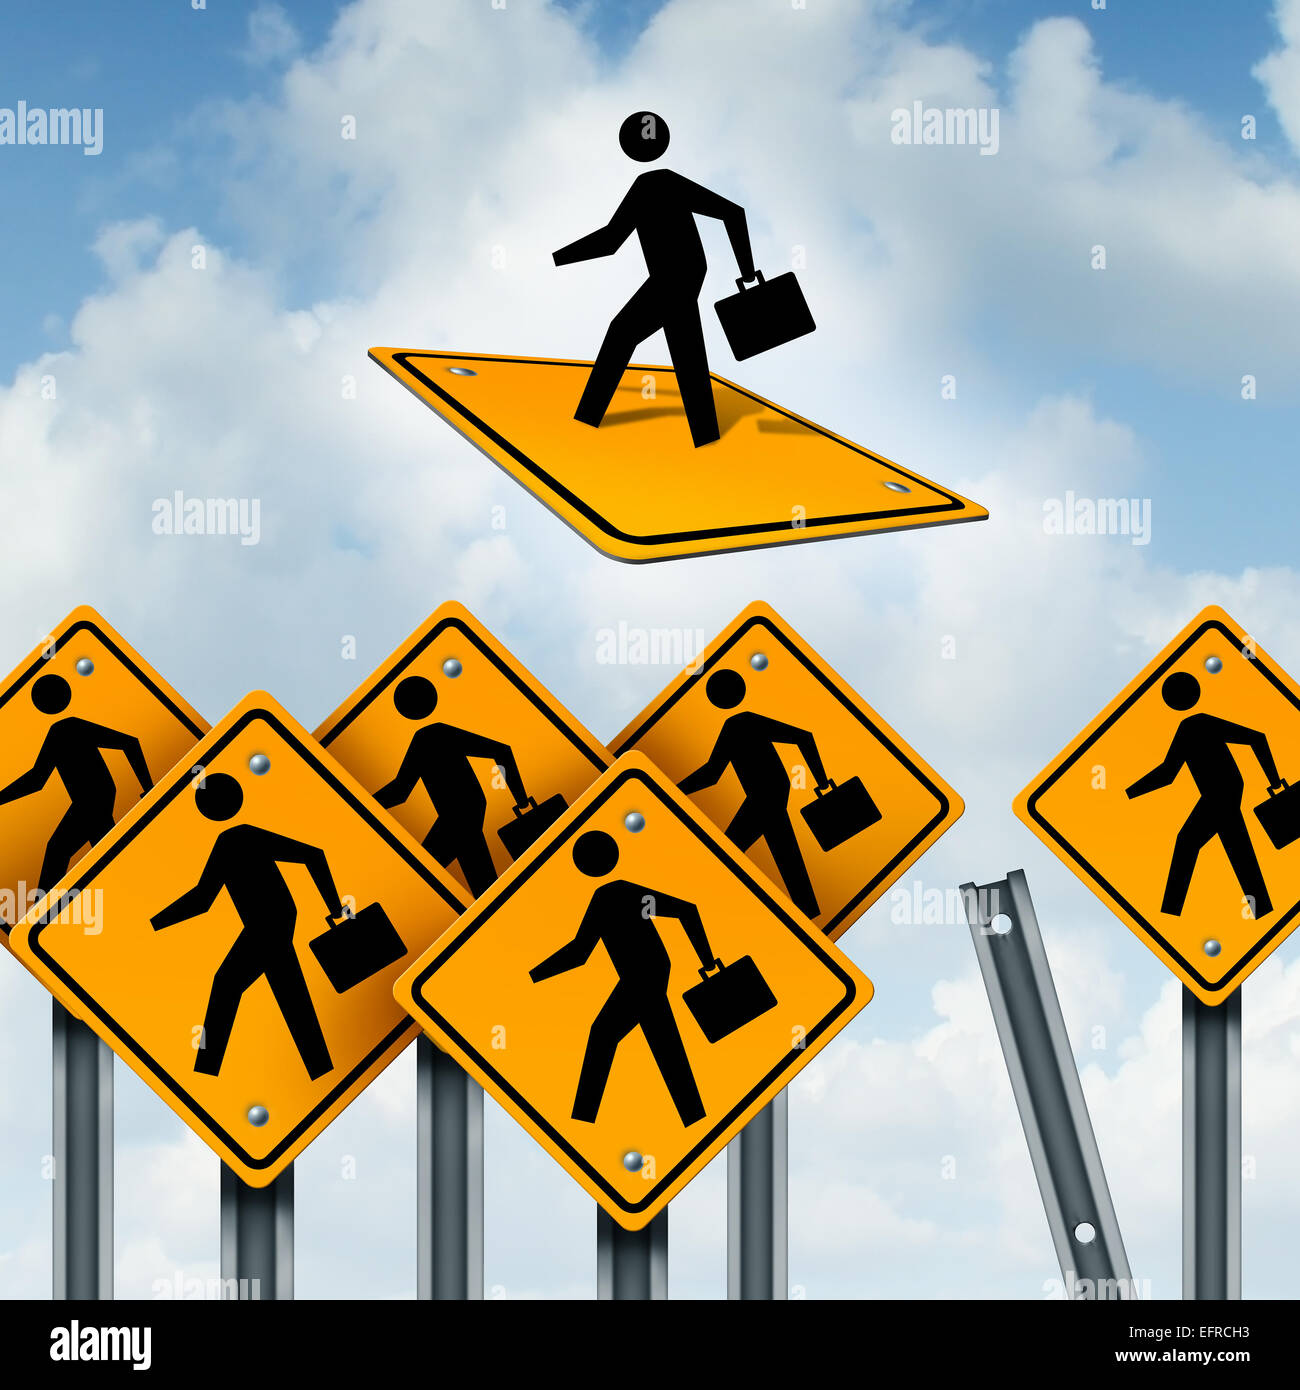 Concetto di vincitore e leader della concorrenza come un gruppo di segnaletica stradale con i lavoratori ed un ambizioso Foto Stock